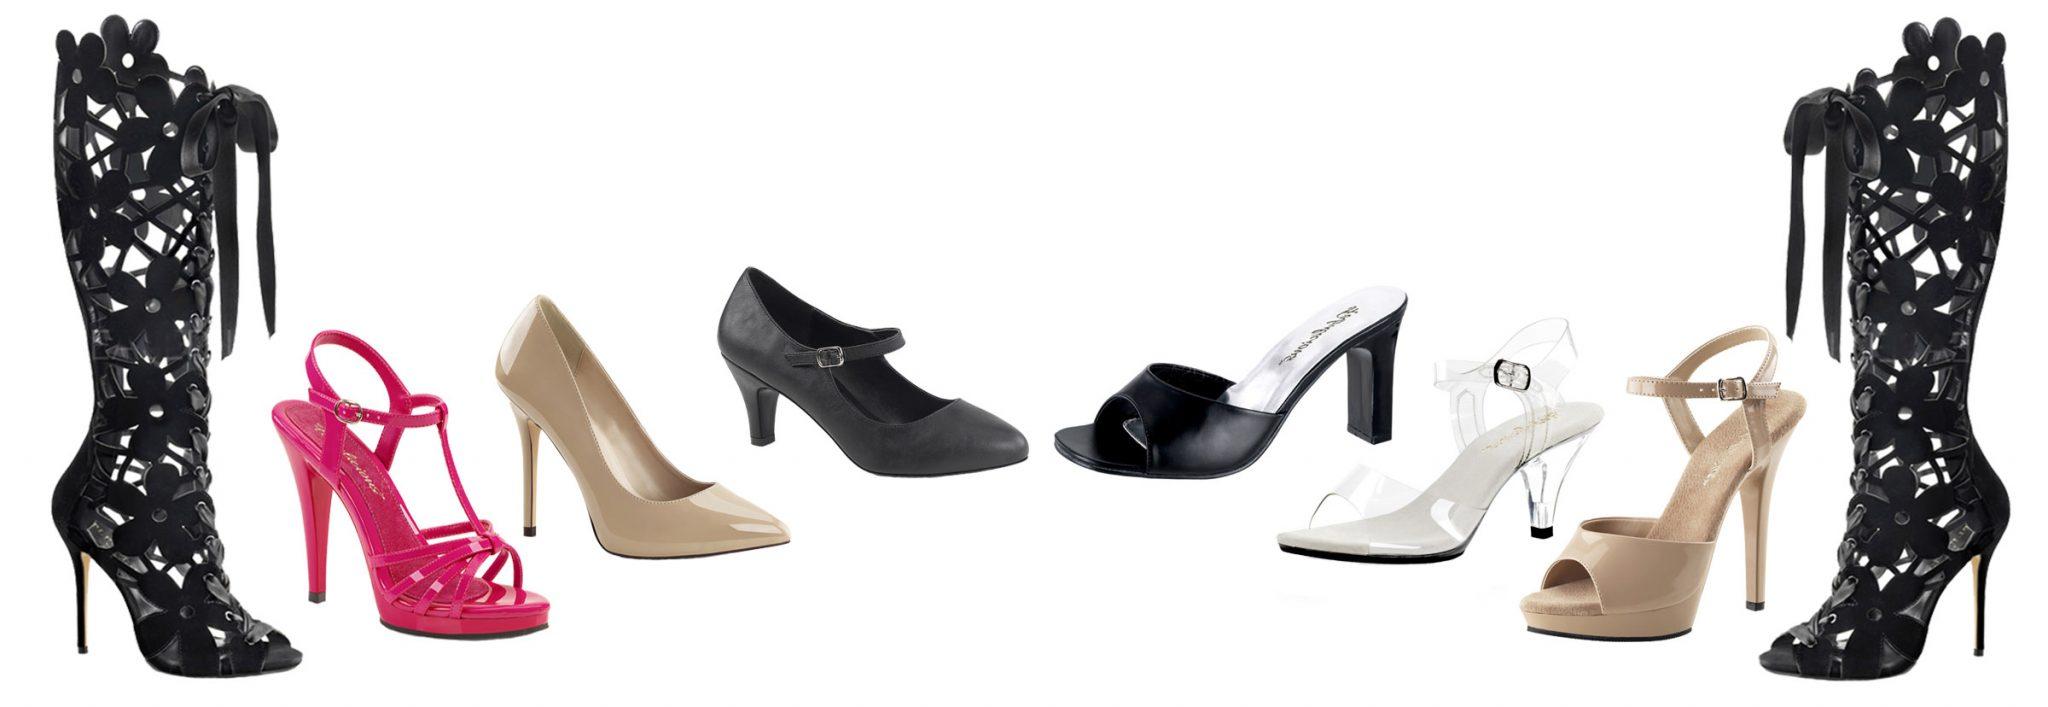 Crossdresser Shoes, Drag Queen Heels, and Heels For Men